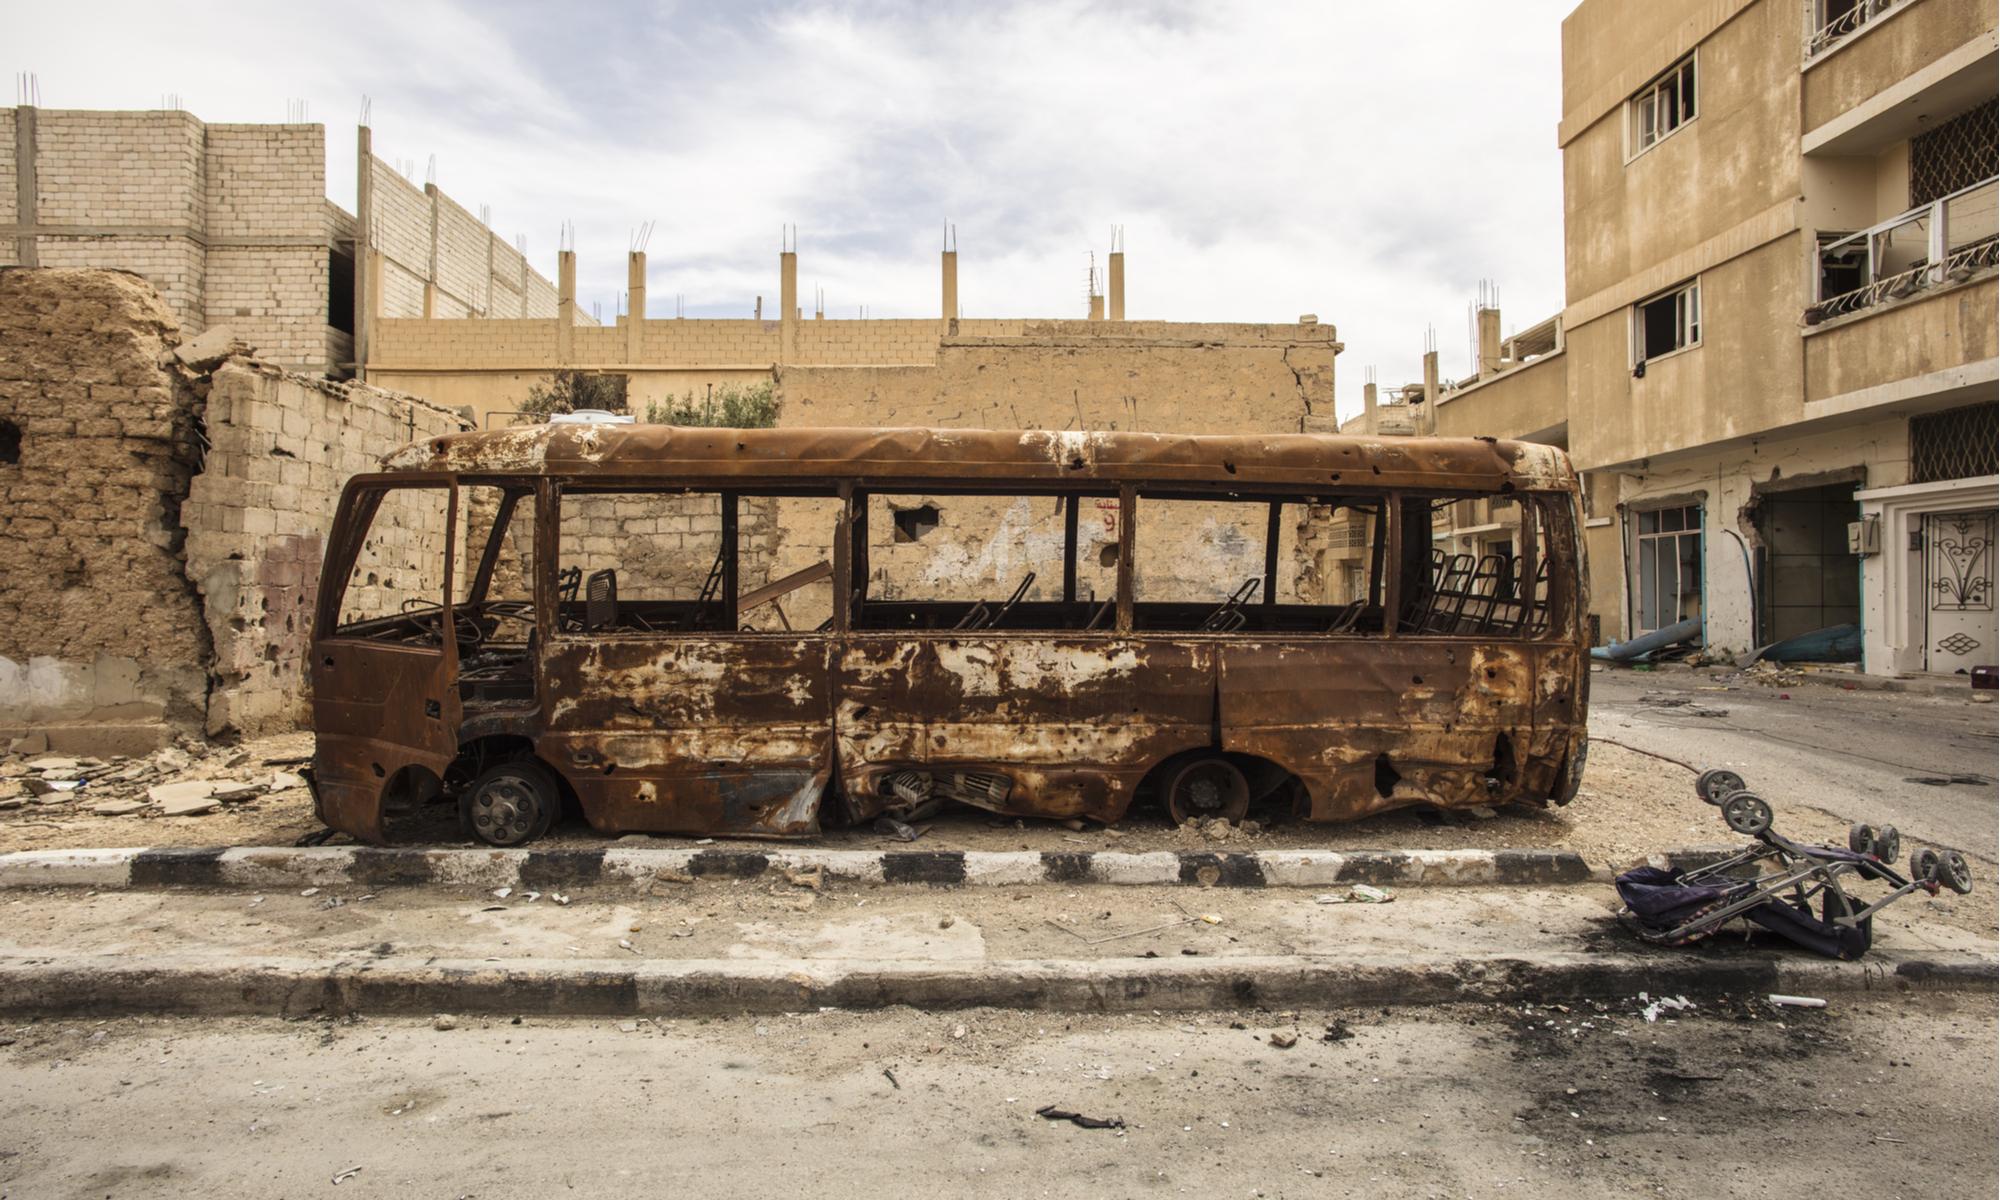 Le Qatar condamne fermement « l'attaque brutale » du régime syrien contre Deraa